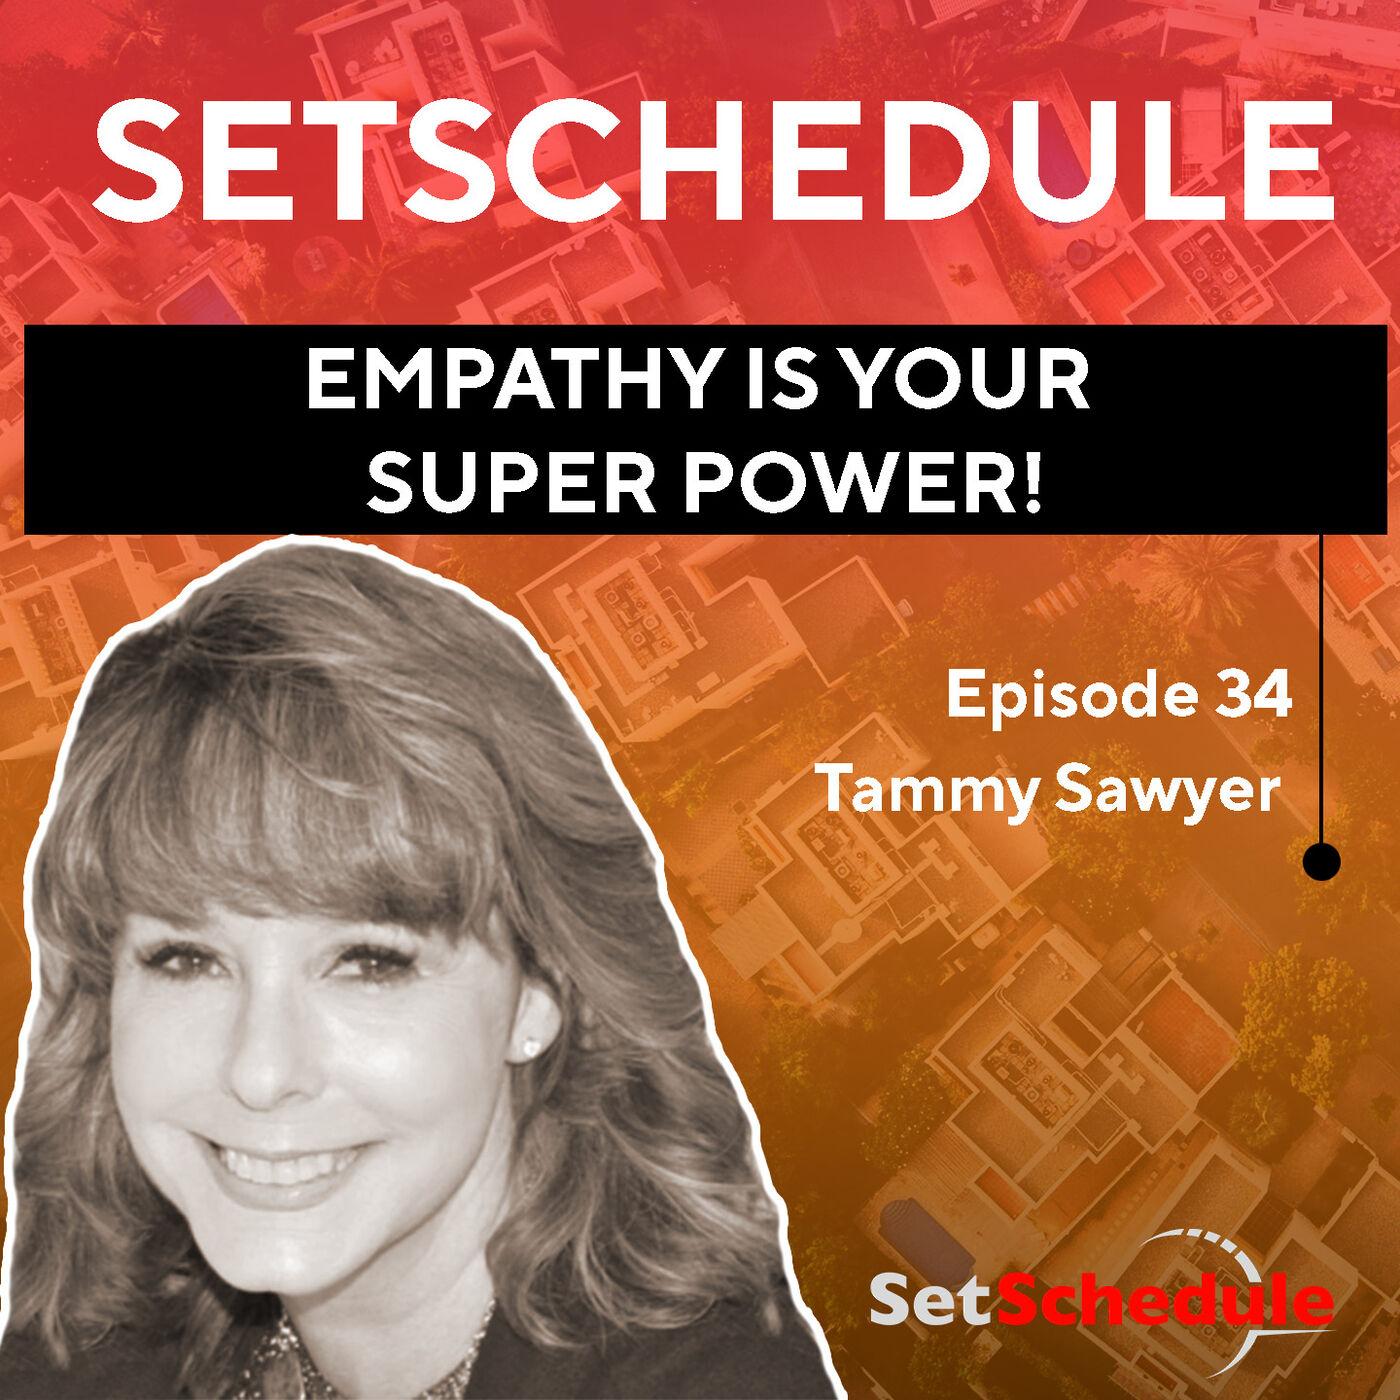 Empathy is your Super Power - Tammy Sawyer